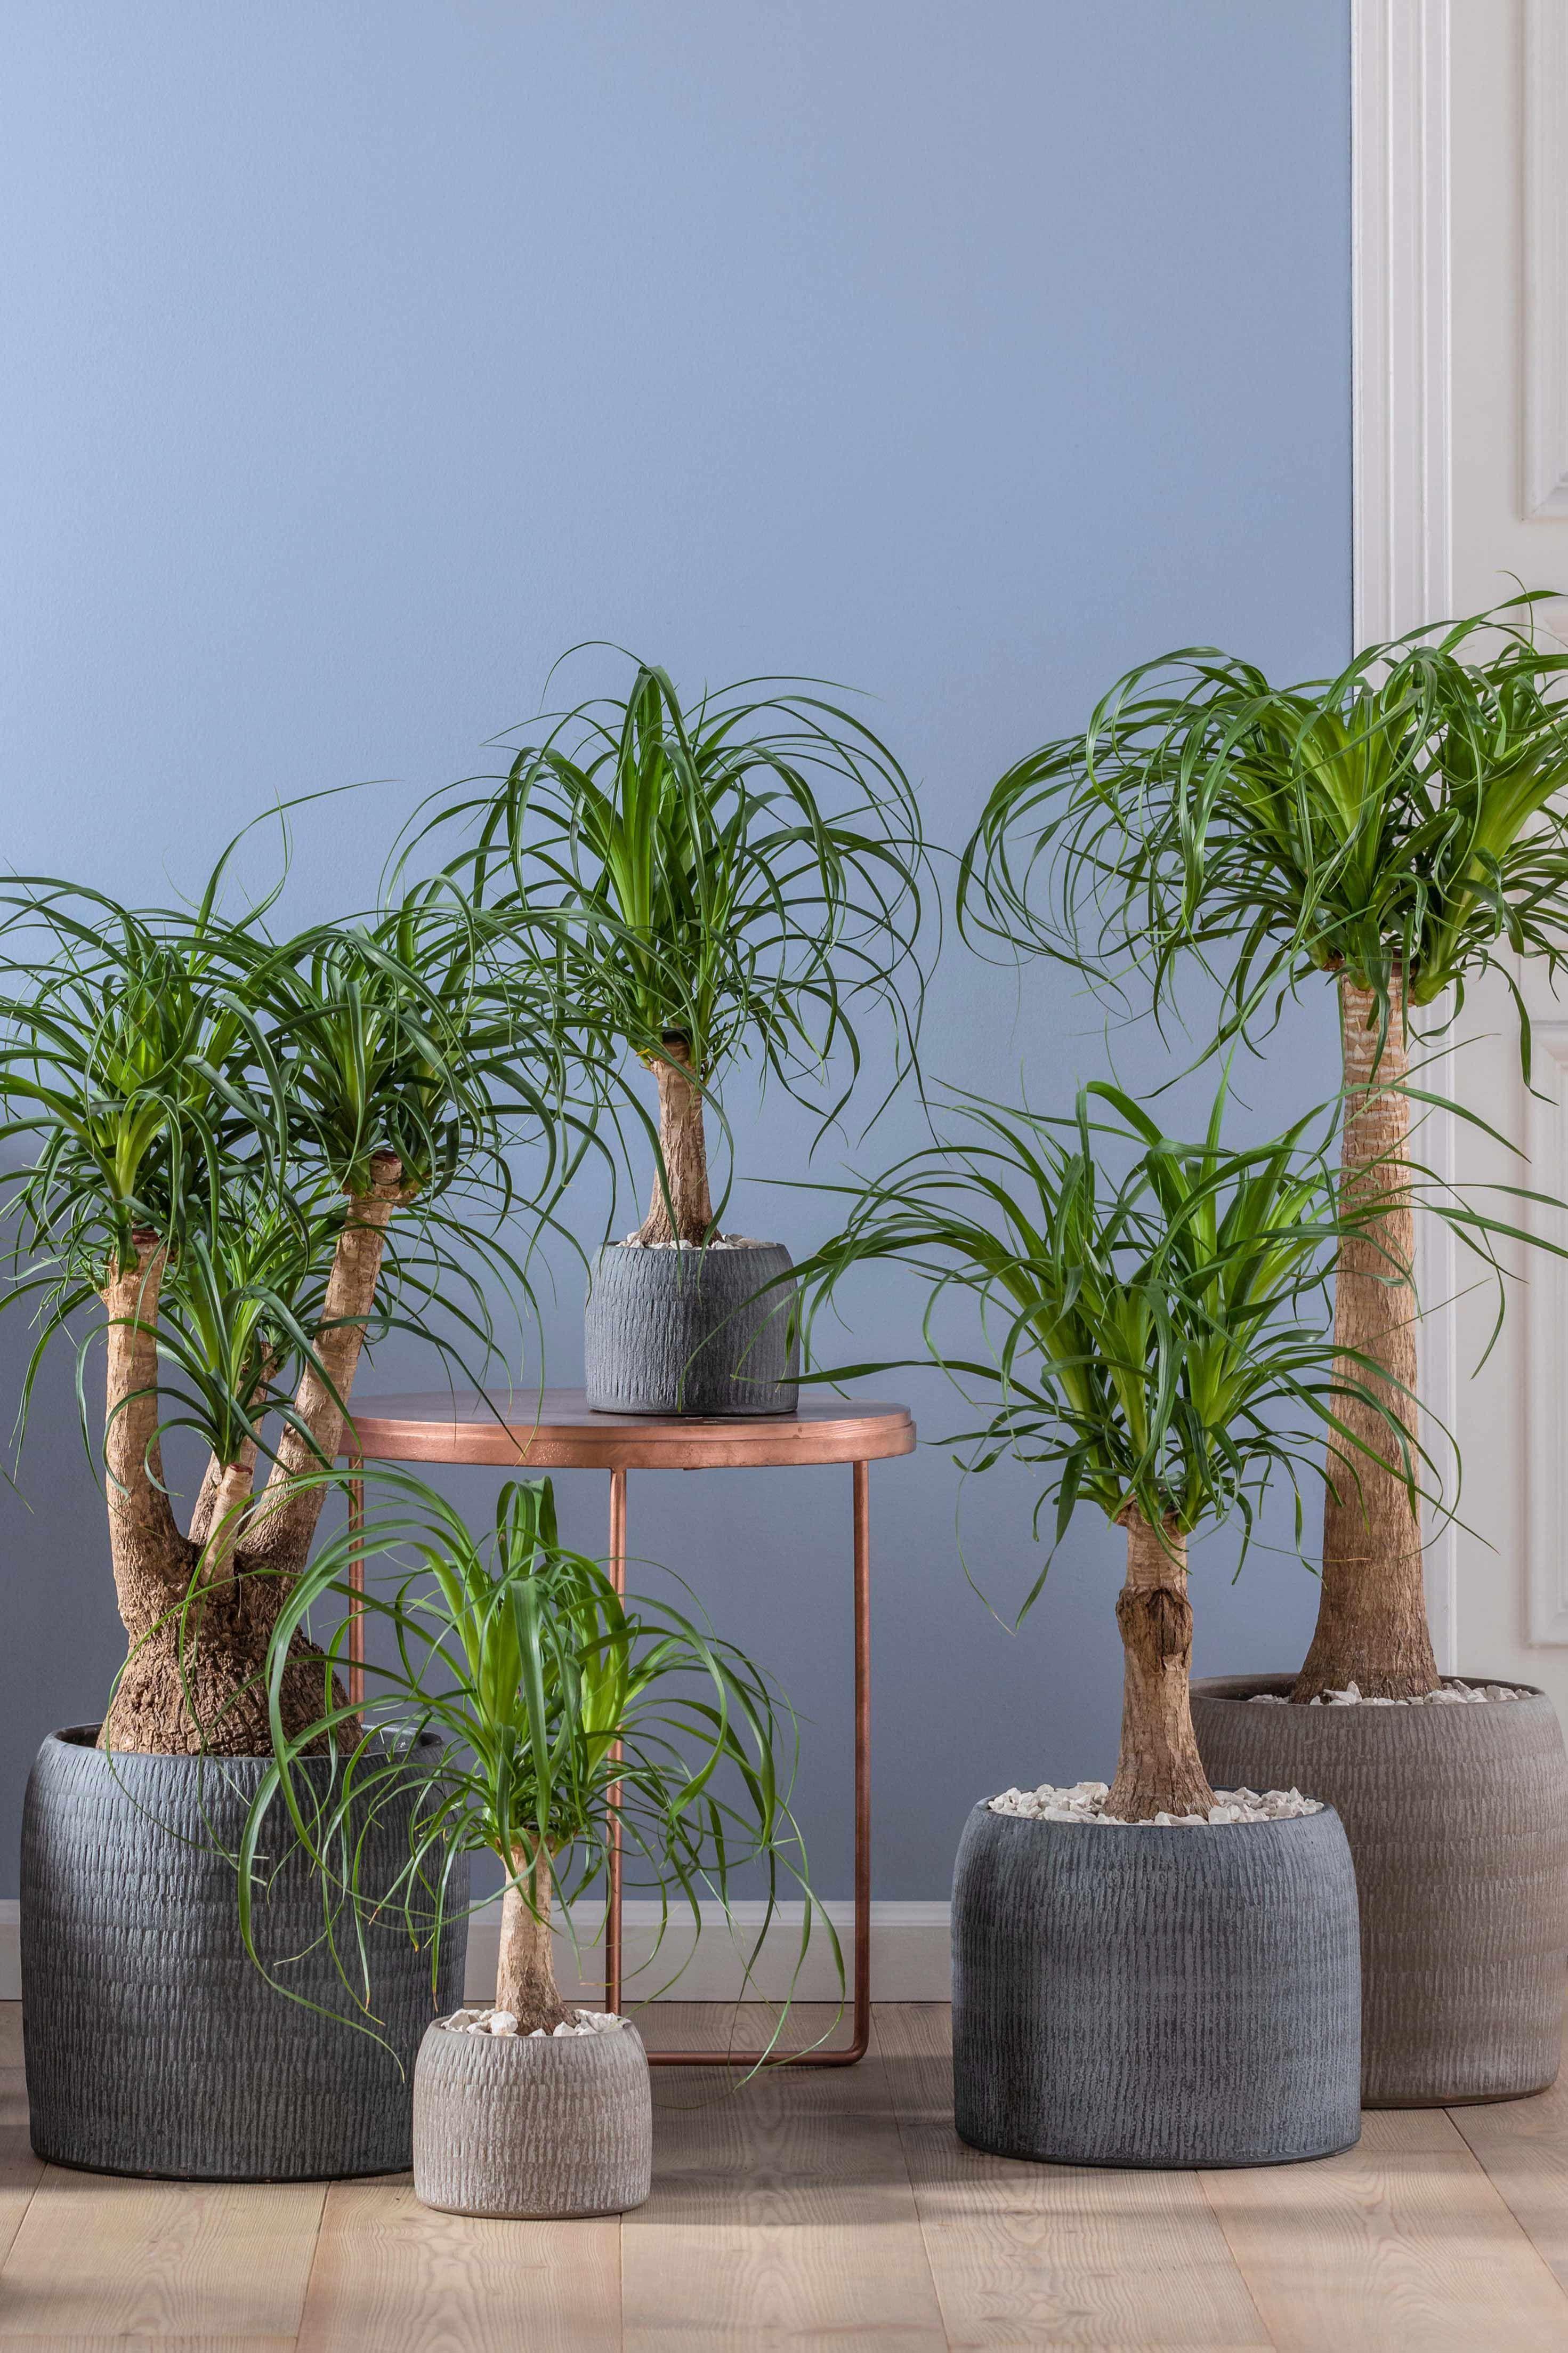 Elefantenfuss Wohnung Pflanzen Pflanzen Zimmerpflanzen